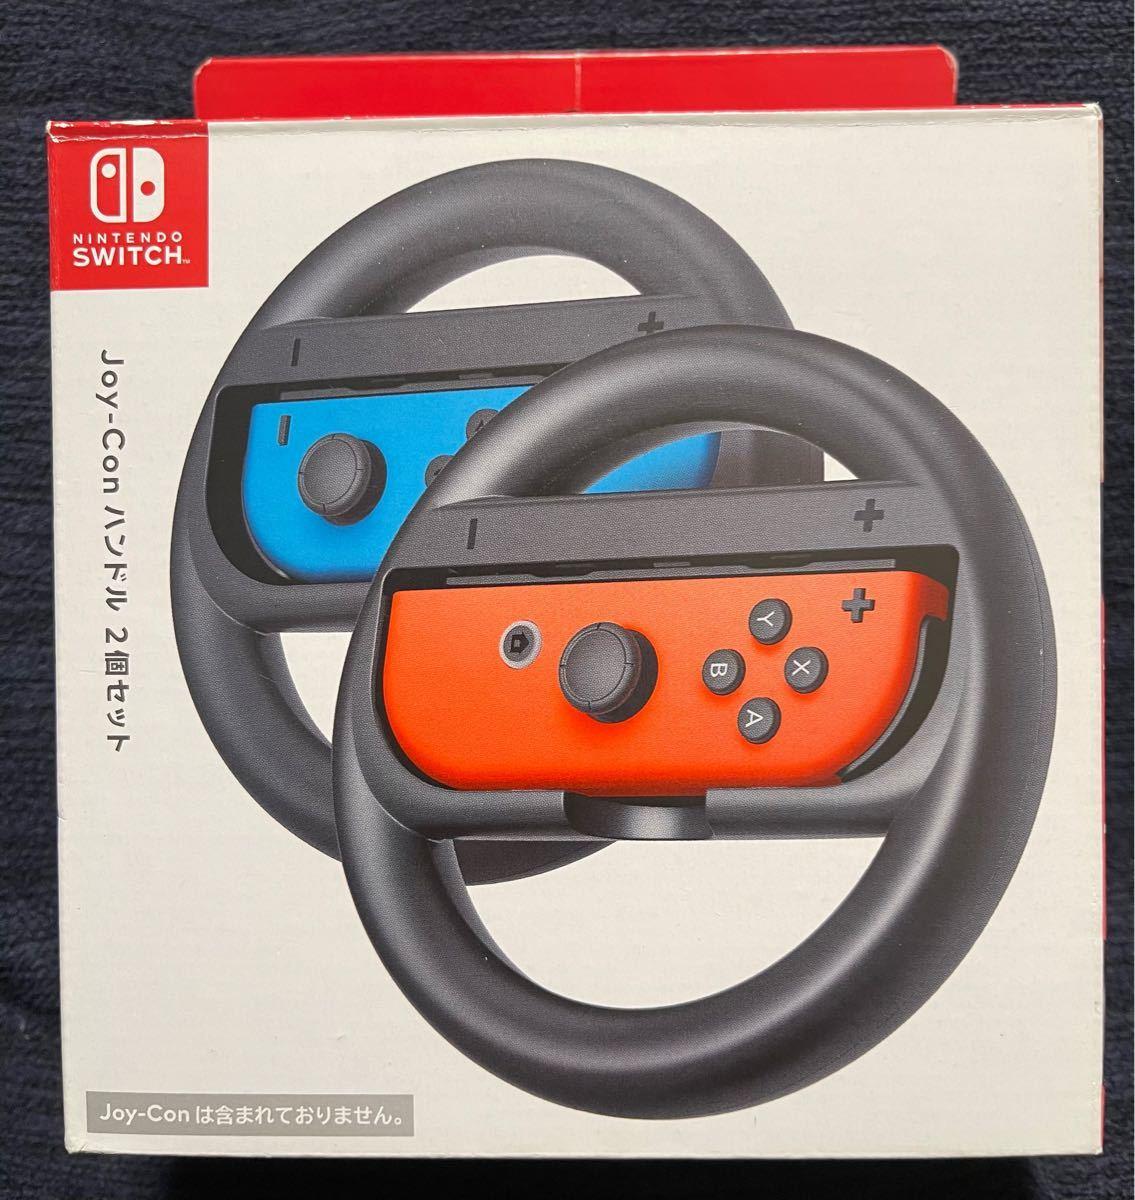 中古美品 Nintendo Switch マリオカート8デラックス ニンテンドースイッチJoy-Conハンドル 二個 セット